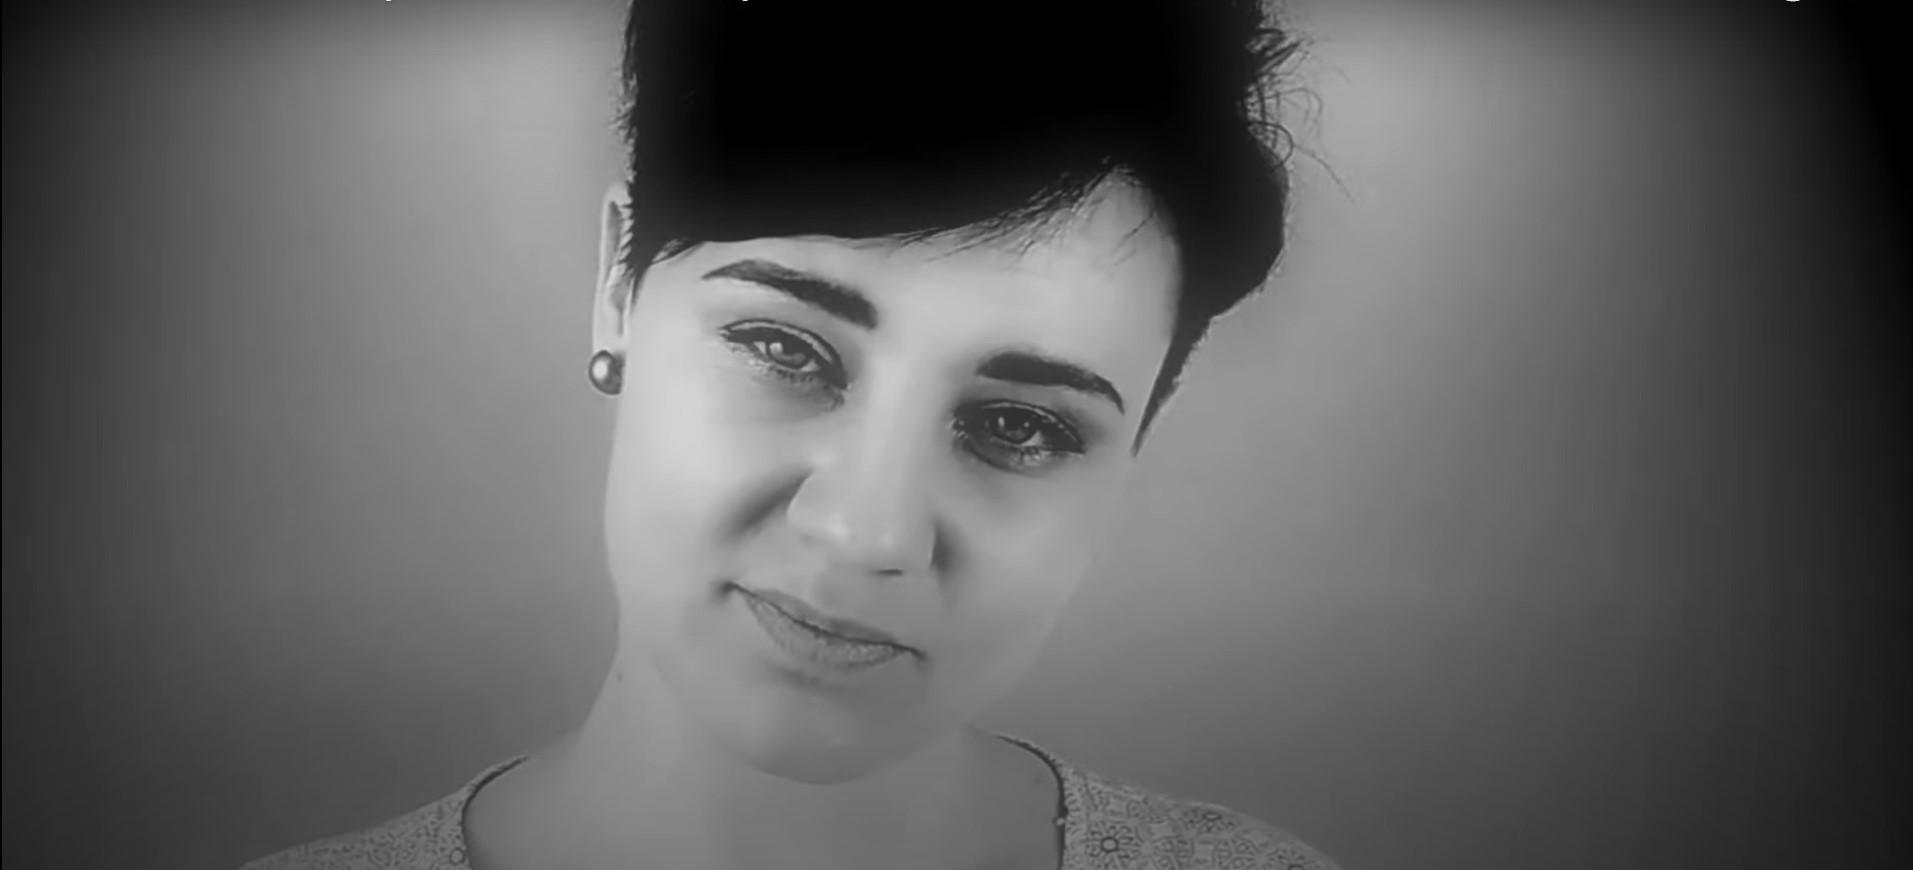 Joanna z Sułkowic z nowym, autorskim utworem